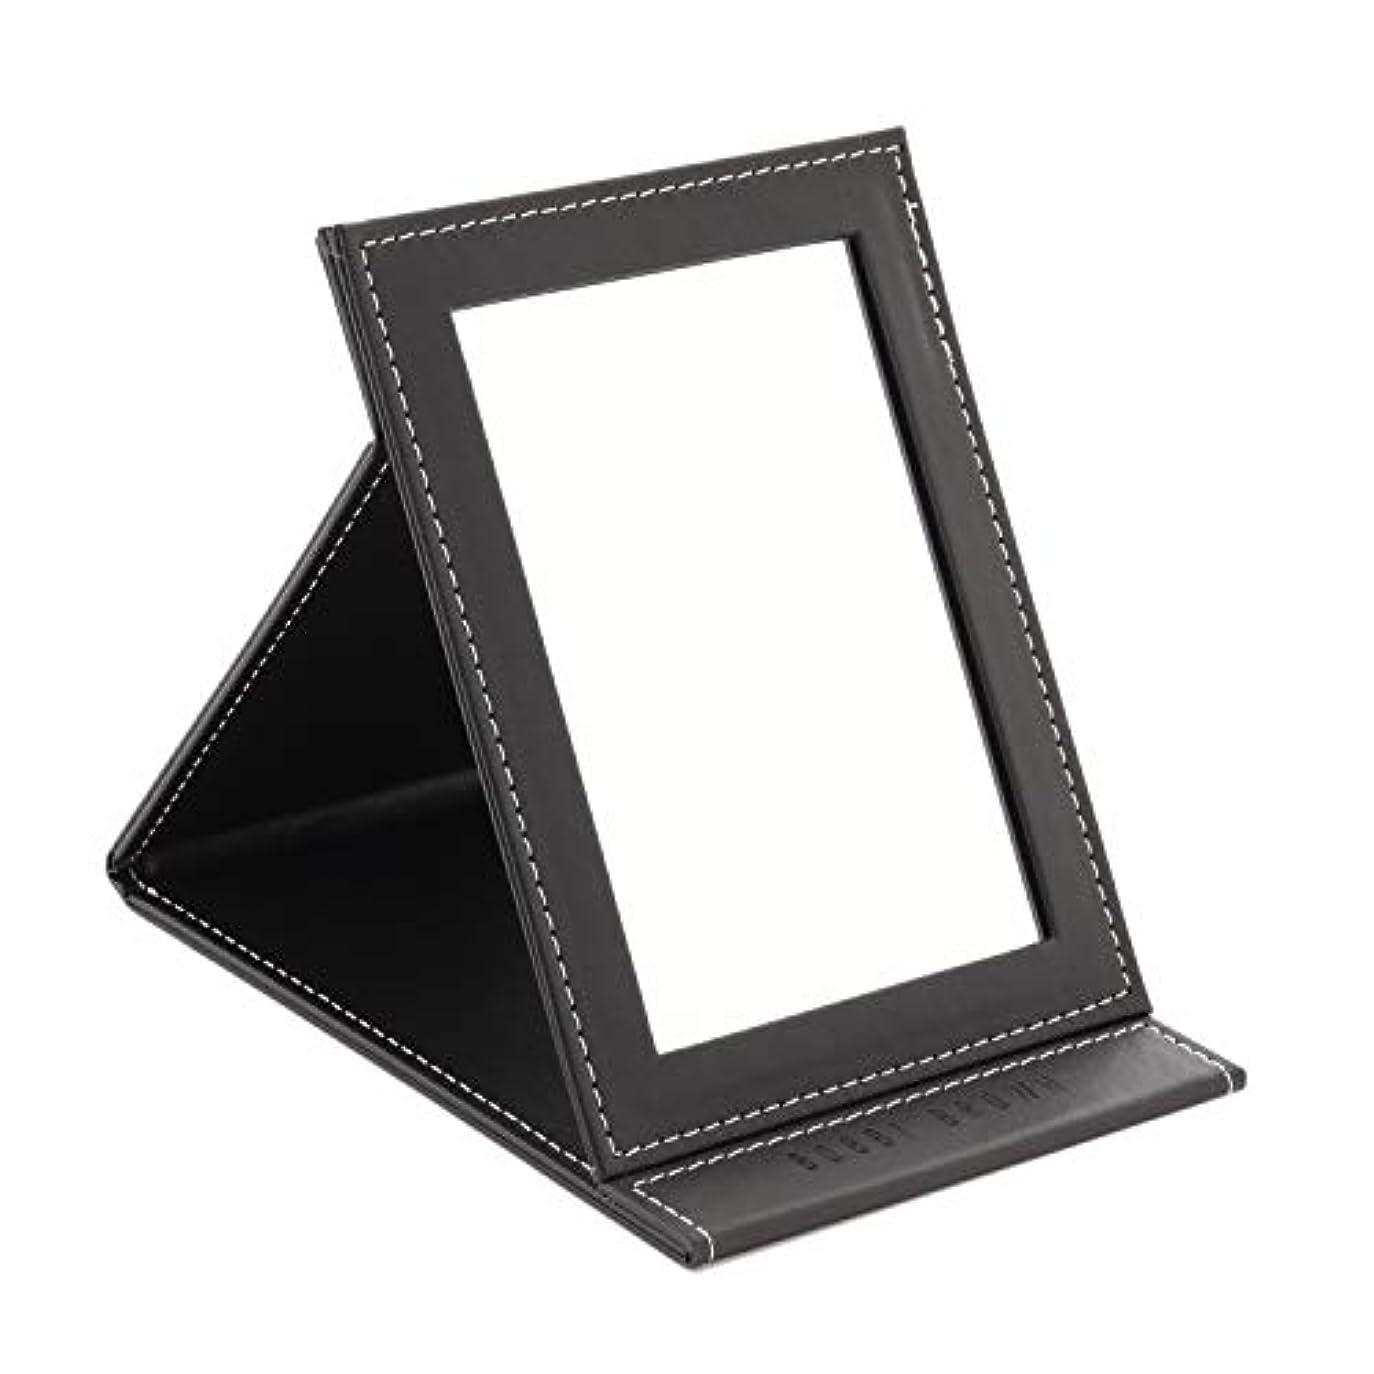 柔らかい接辞レタス[スプレンノ] 折り畳みミラー 化粧鏡 スタンドミラー 角度調整 自由自在 外装PUレザー仕上げ (M)